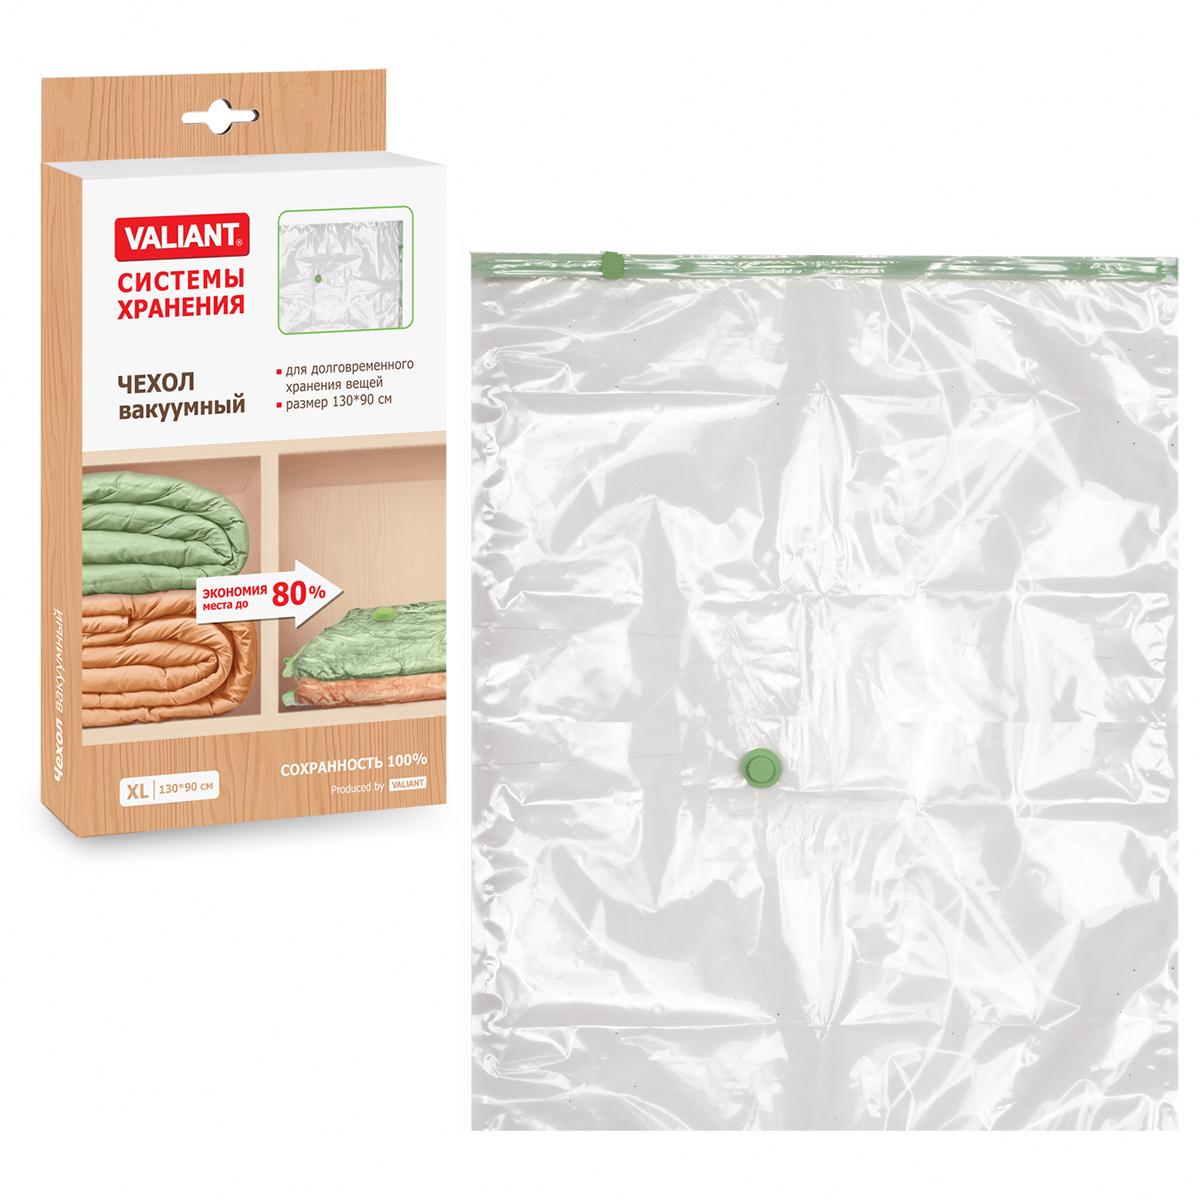 Чехол вакуумный Valiant, 130 х 90 смXL139Вакуумный чехол Valiant предназначен для долговременного хранения вещей. Он отлично защитит вашу одежду от пыли и других загрязнений, а также поможет надолго сохранить ее безупречный вид. Чехол изготовлен из высококачественных полимерных материалов. Достоинства чехла Valiant: - вещи сжимаются в объеме на 80%, полностью сохраняя свое качество; - вещи можно хранить в течение целого сезона (осенью и зимой - летний гардероб, летом - зимние свитера, шарфы, теплые одеяла); - надежная защита вещей от любых повреждений - влаги, пыли, пятен, плесени, моли и других насекомых, а также от обесцвечивания, запахов и бактерий; - откачать воздух можно как ручным насосом, так и любым стандартным пылесосом (отверстие клапана 27 мм).